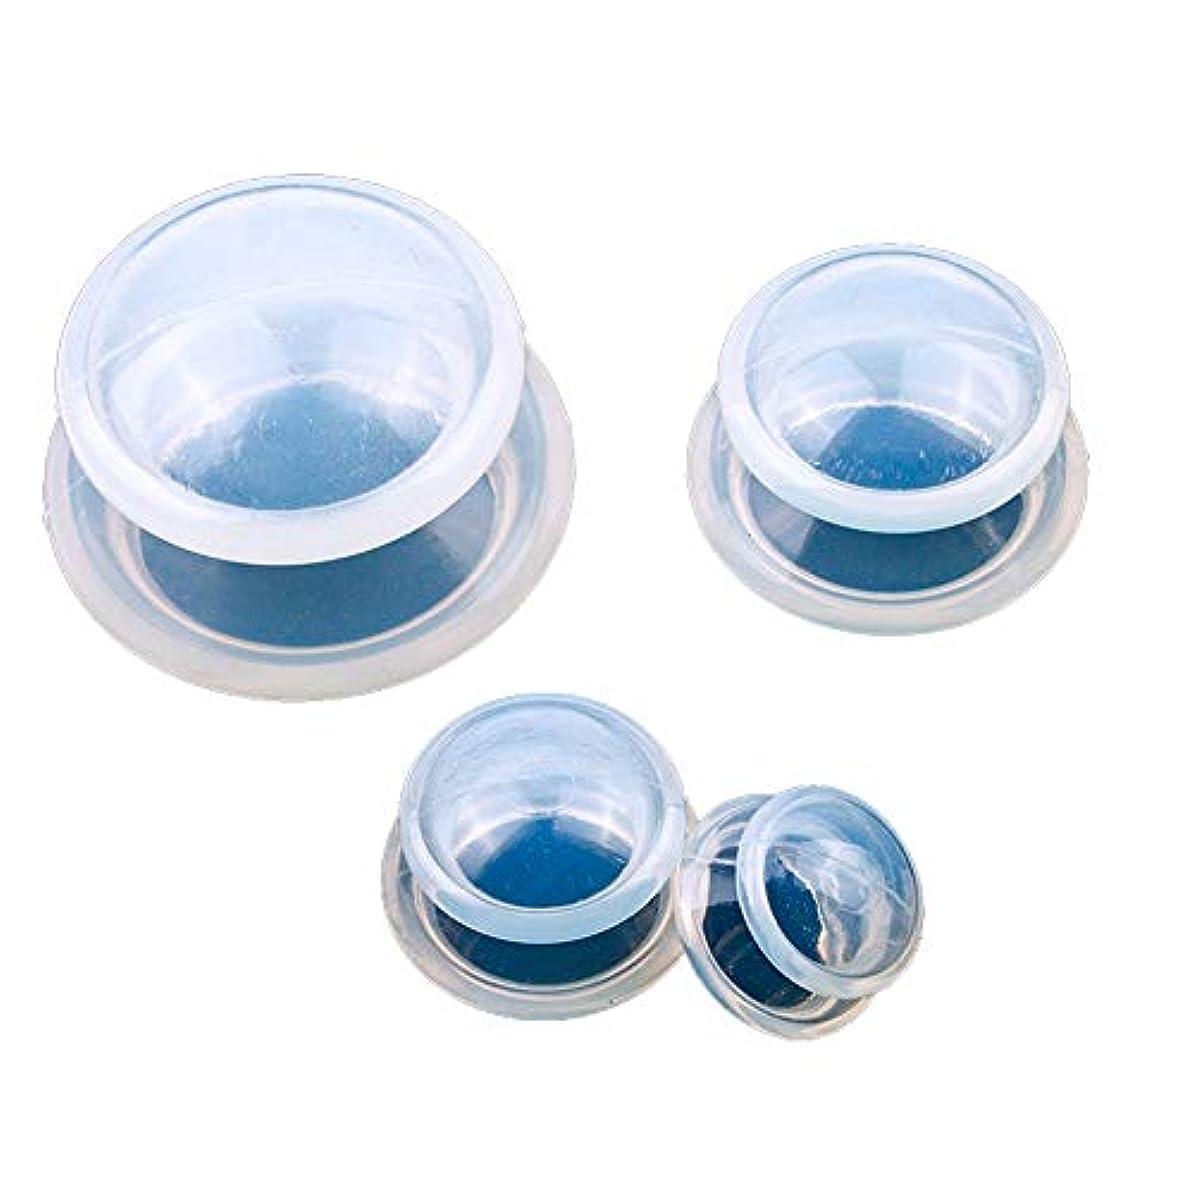 航空町咳真空 シリコーン マッサージカップ 吸い玉 マッサージ カッピングセット ために筋肉痛救済,男女兼用,透明,4個,